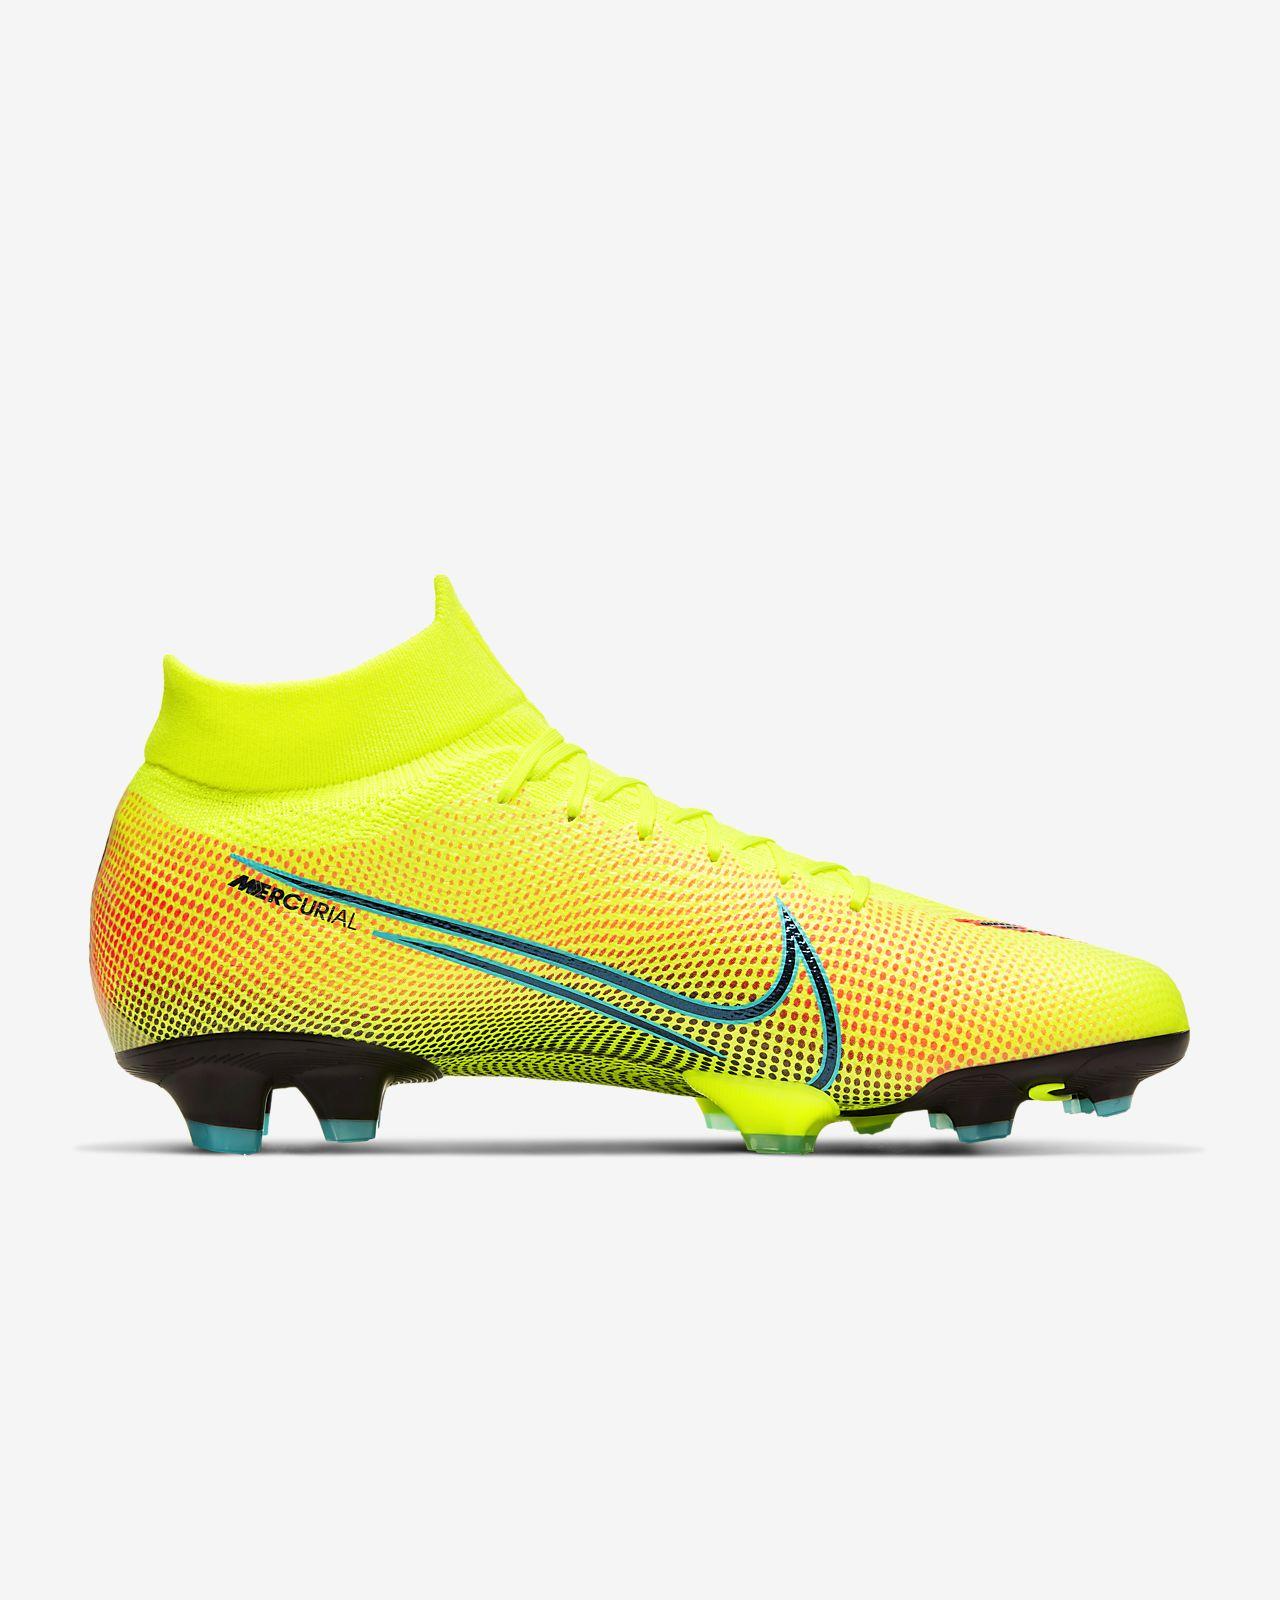 Nike Mercurial Superfly 7 Pro MDS FG Voetbalschoen (stevige ondergrond)